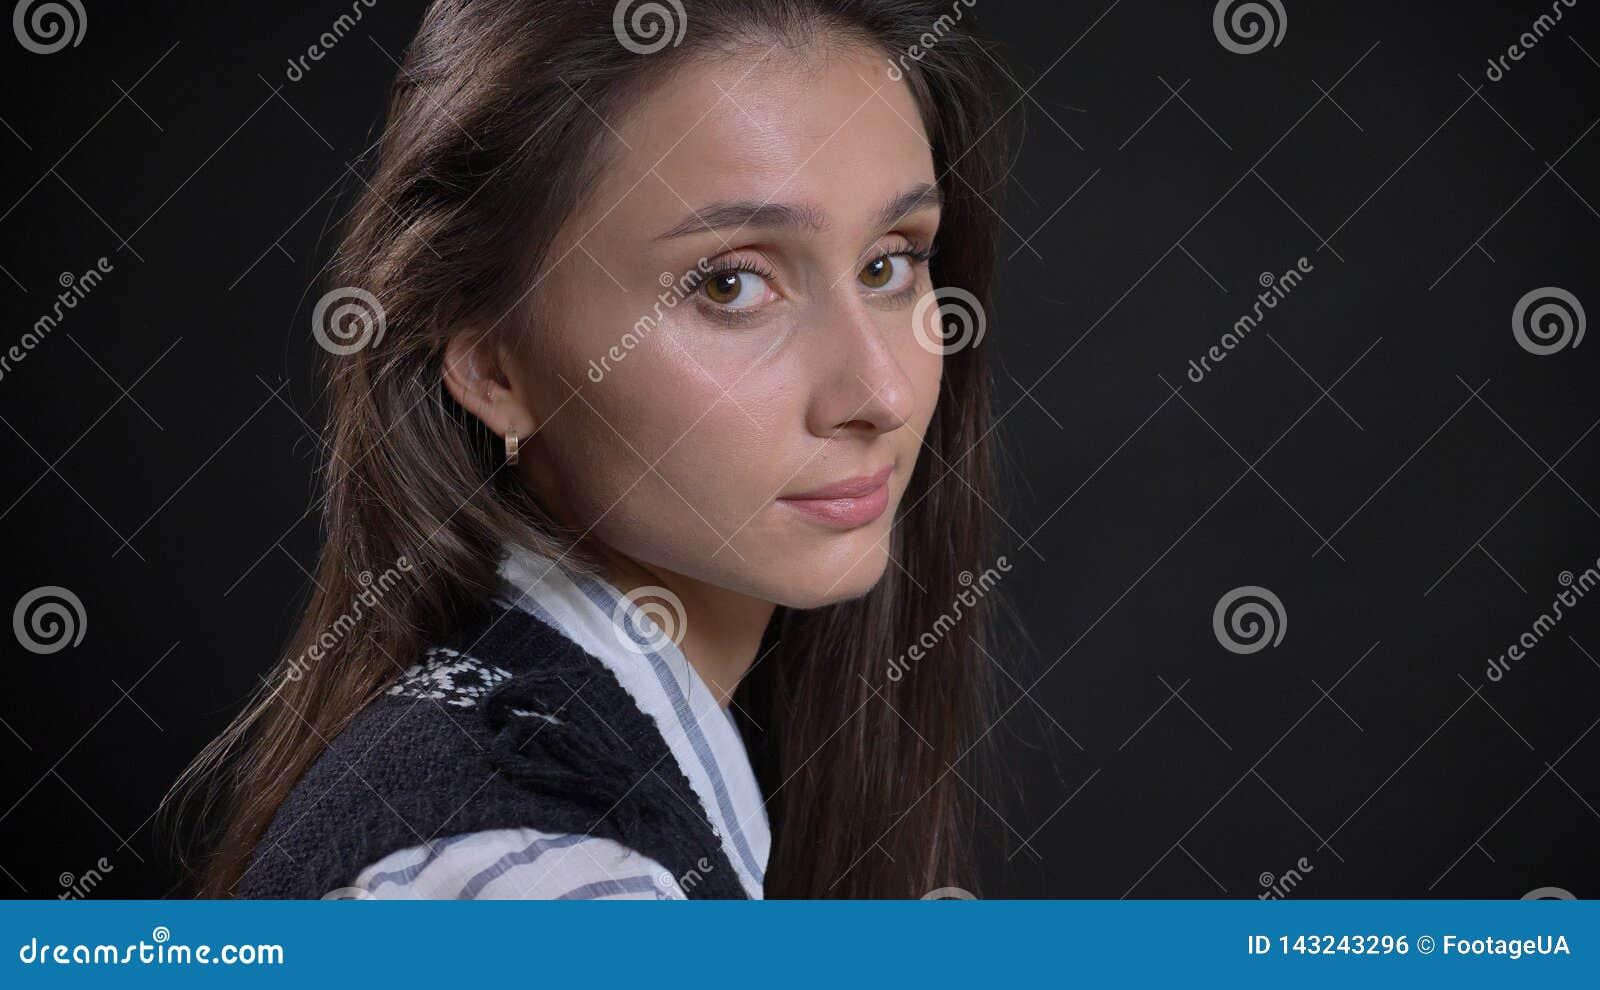 Nahaufnahmeporträt des jungen netten kaukasischen weiblichen Gesichtes mit braunen Augen und brunette dem Haar, die an die Kamera